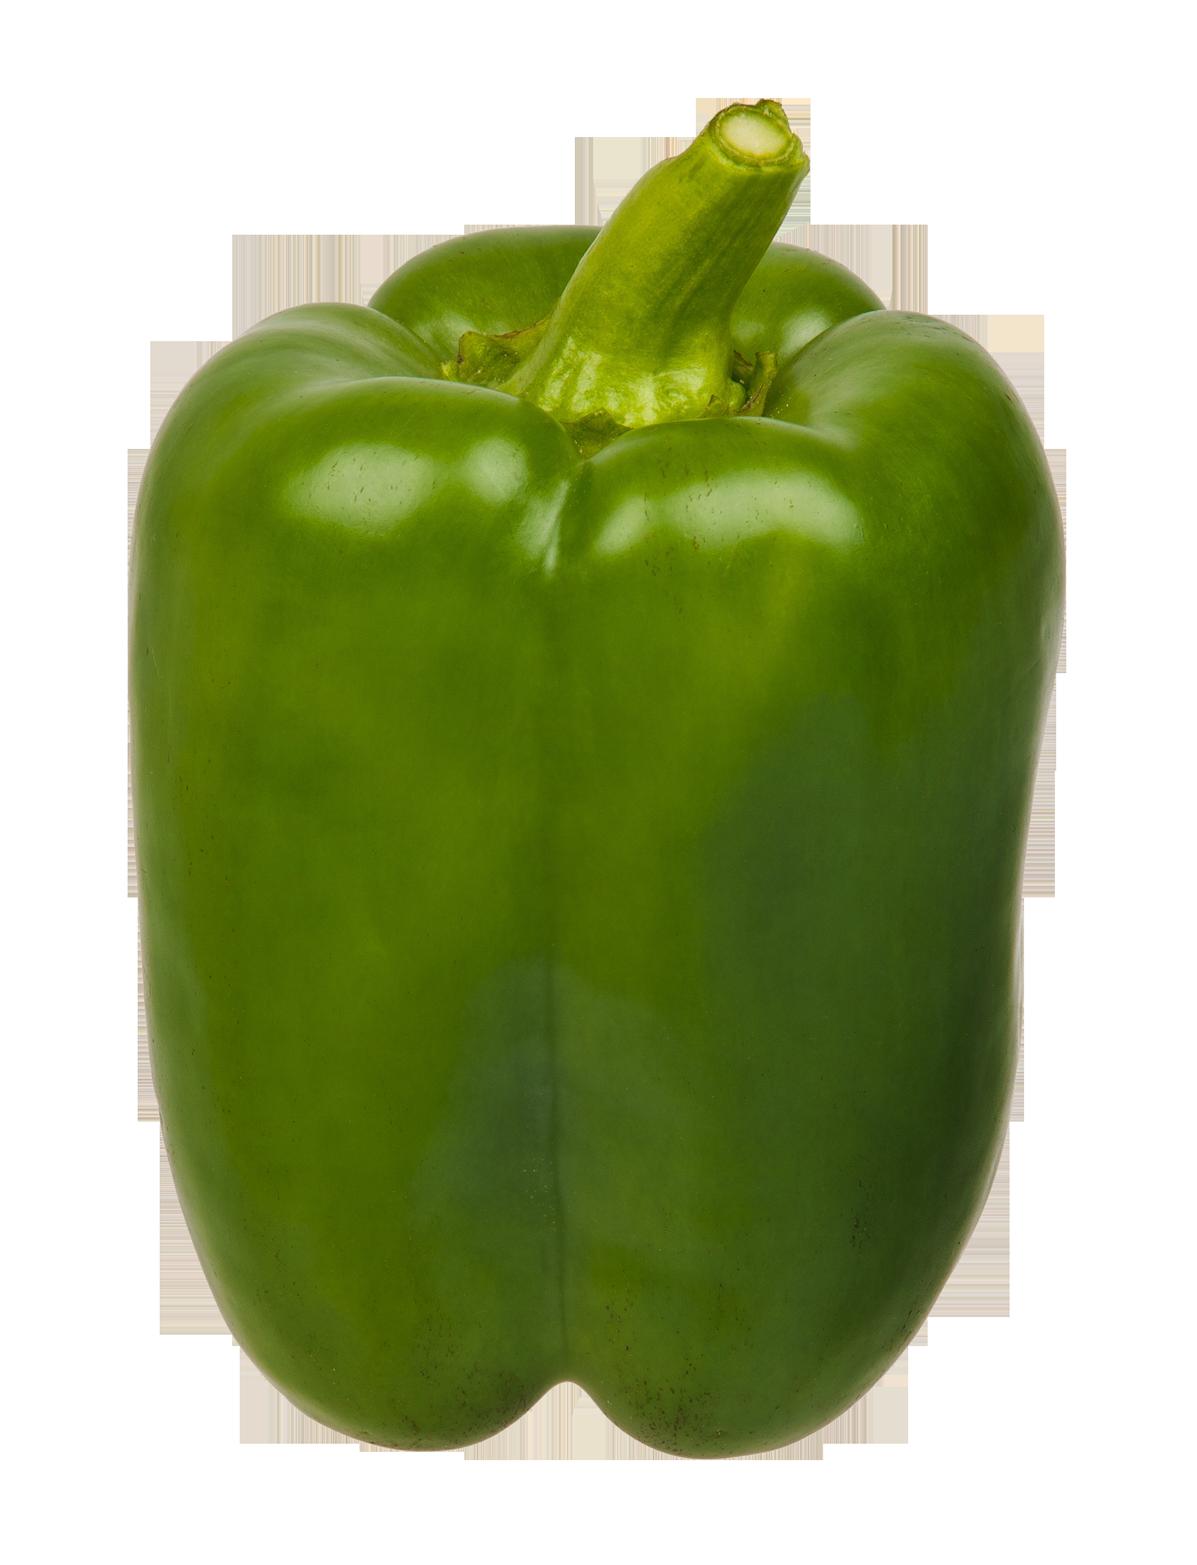 Green Bell Pepper Png Image Stuffed Bell Peppers Stuffed Peppers Green Bell Peppers